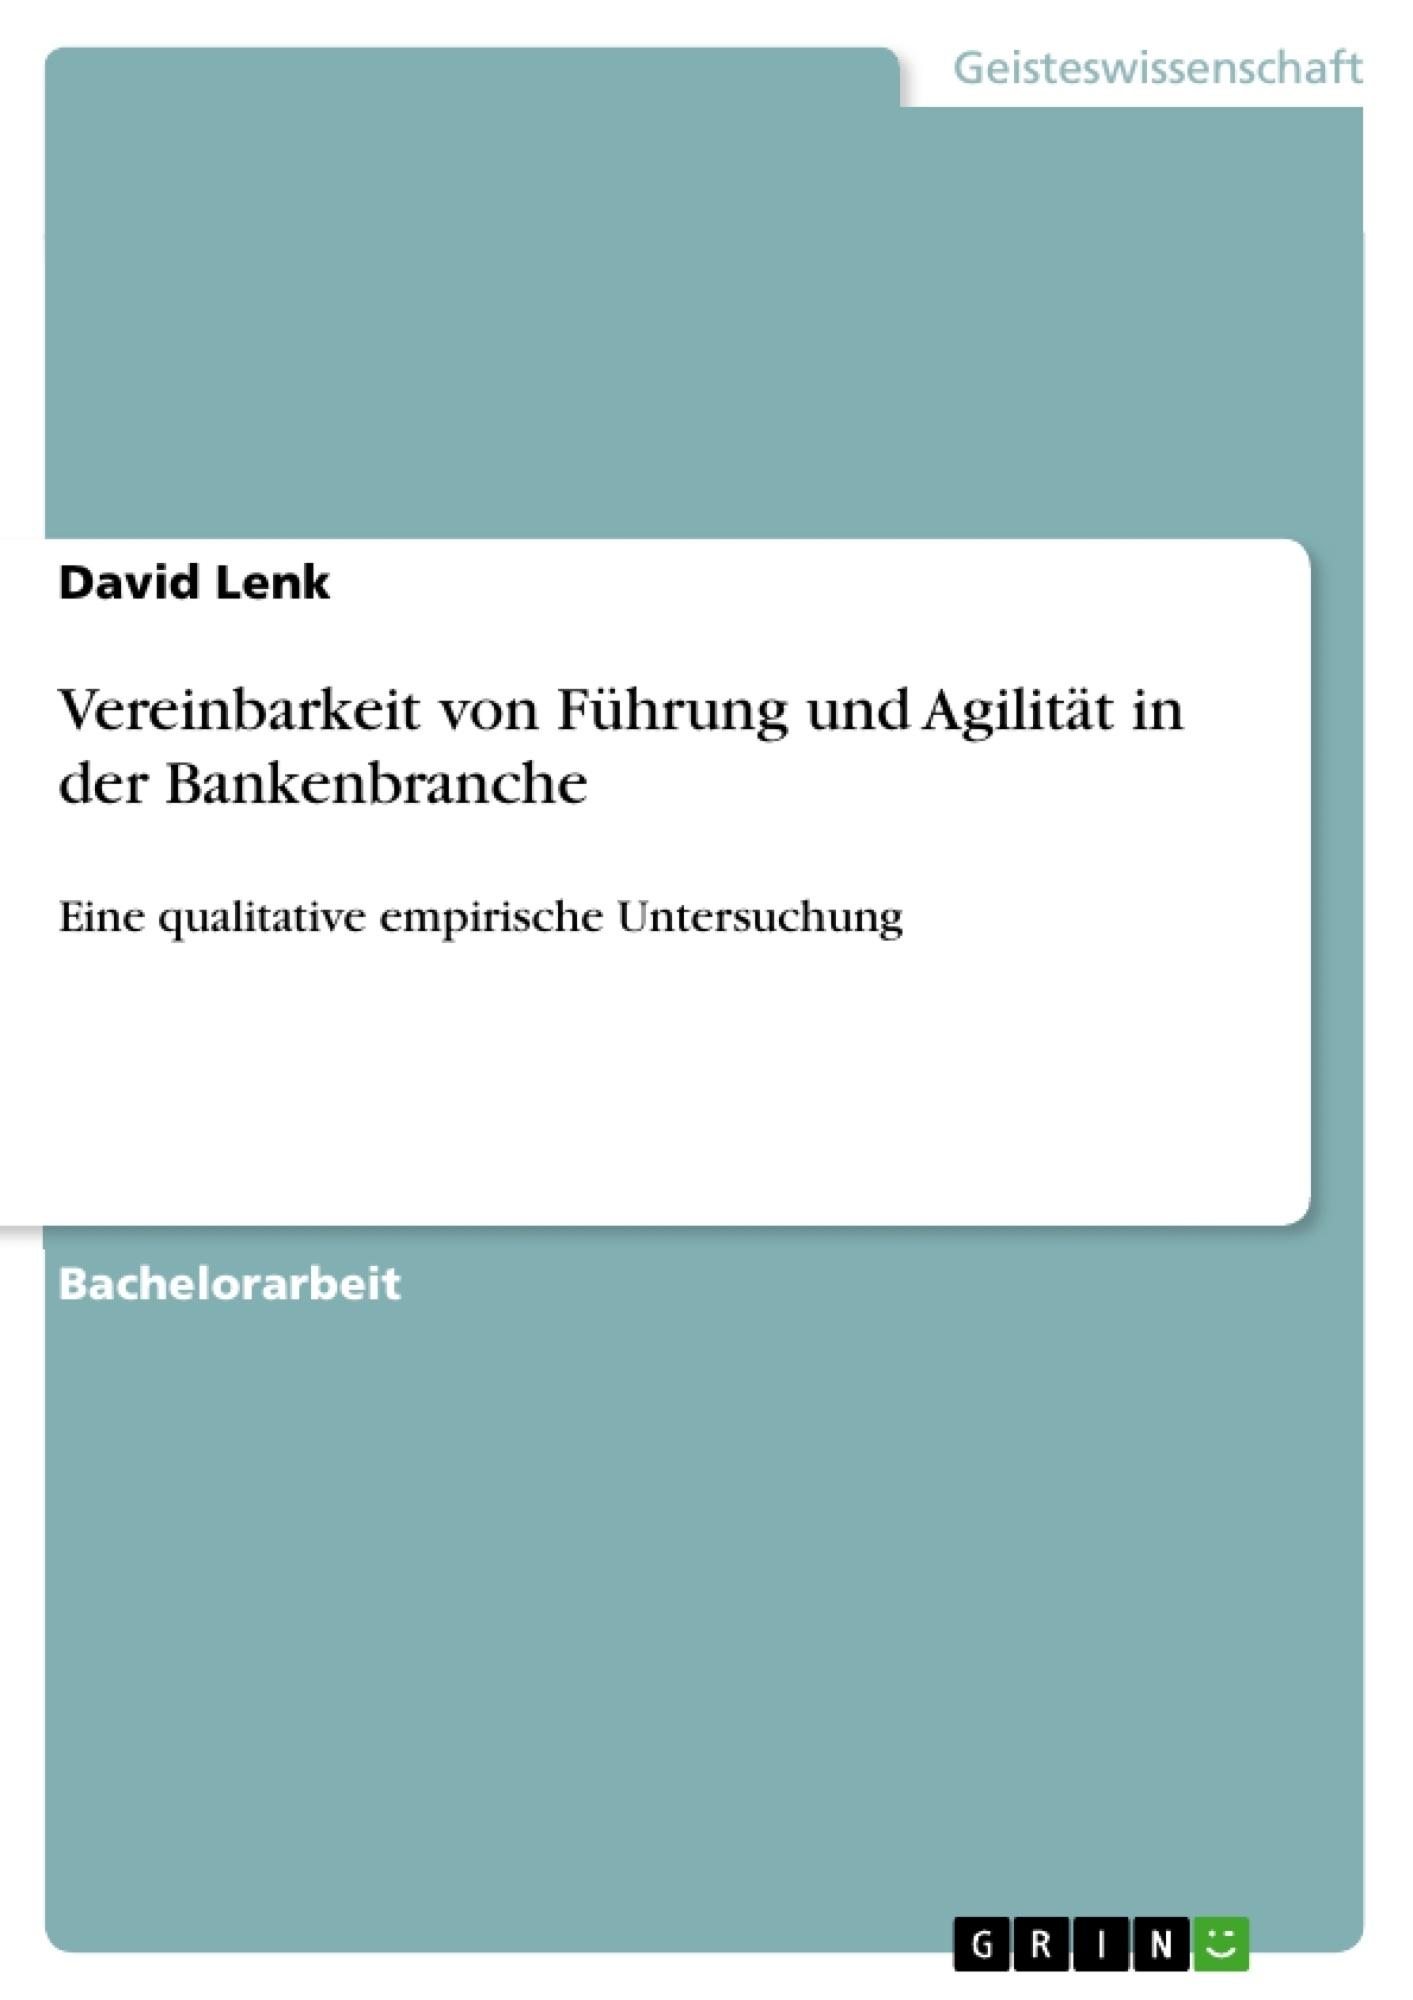 Titel: Vereinbarkeit von Führung und Agilität in der Bankenbranche